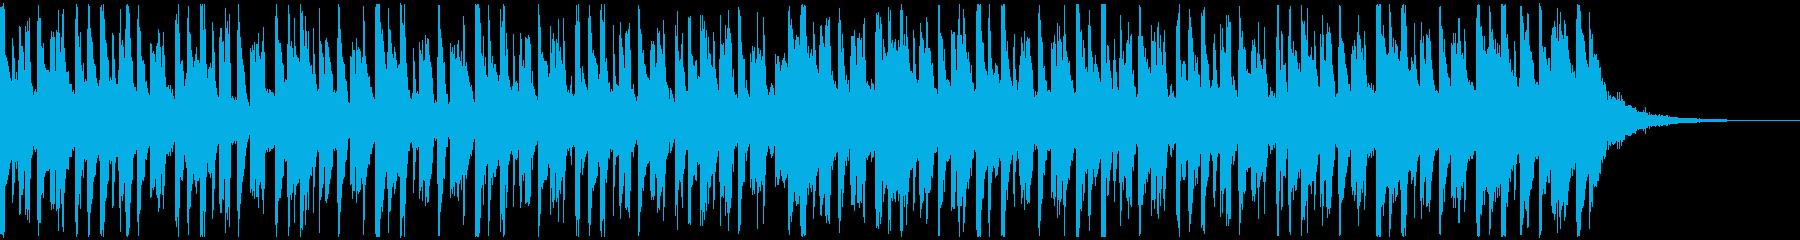 CM30秒、ハウス、おしゃれ、大人っぽいの再生済みの波形